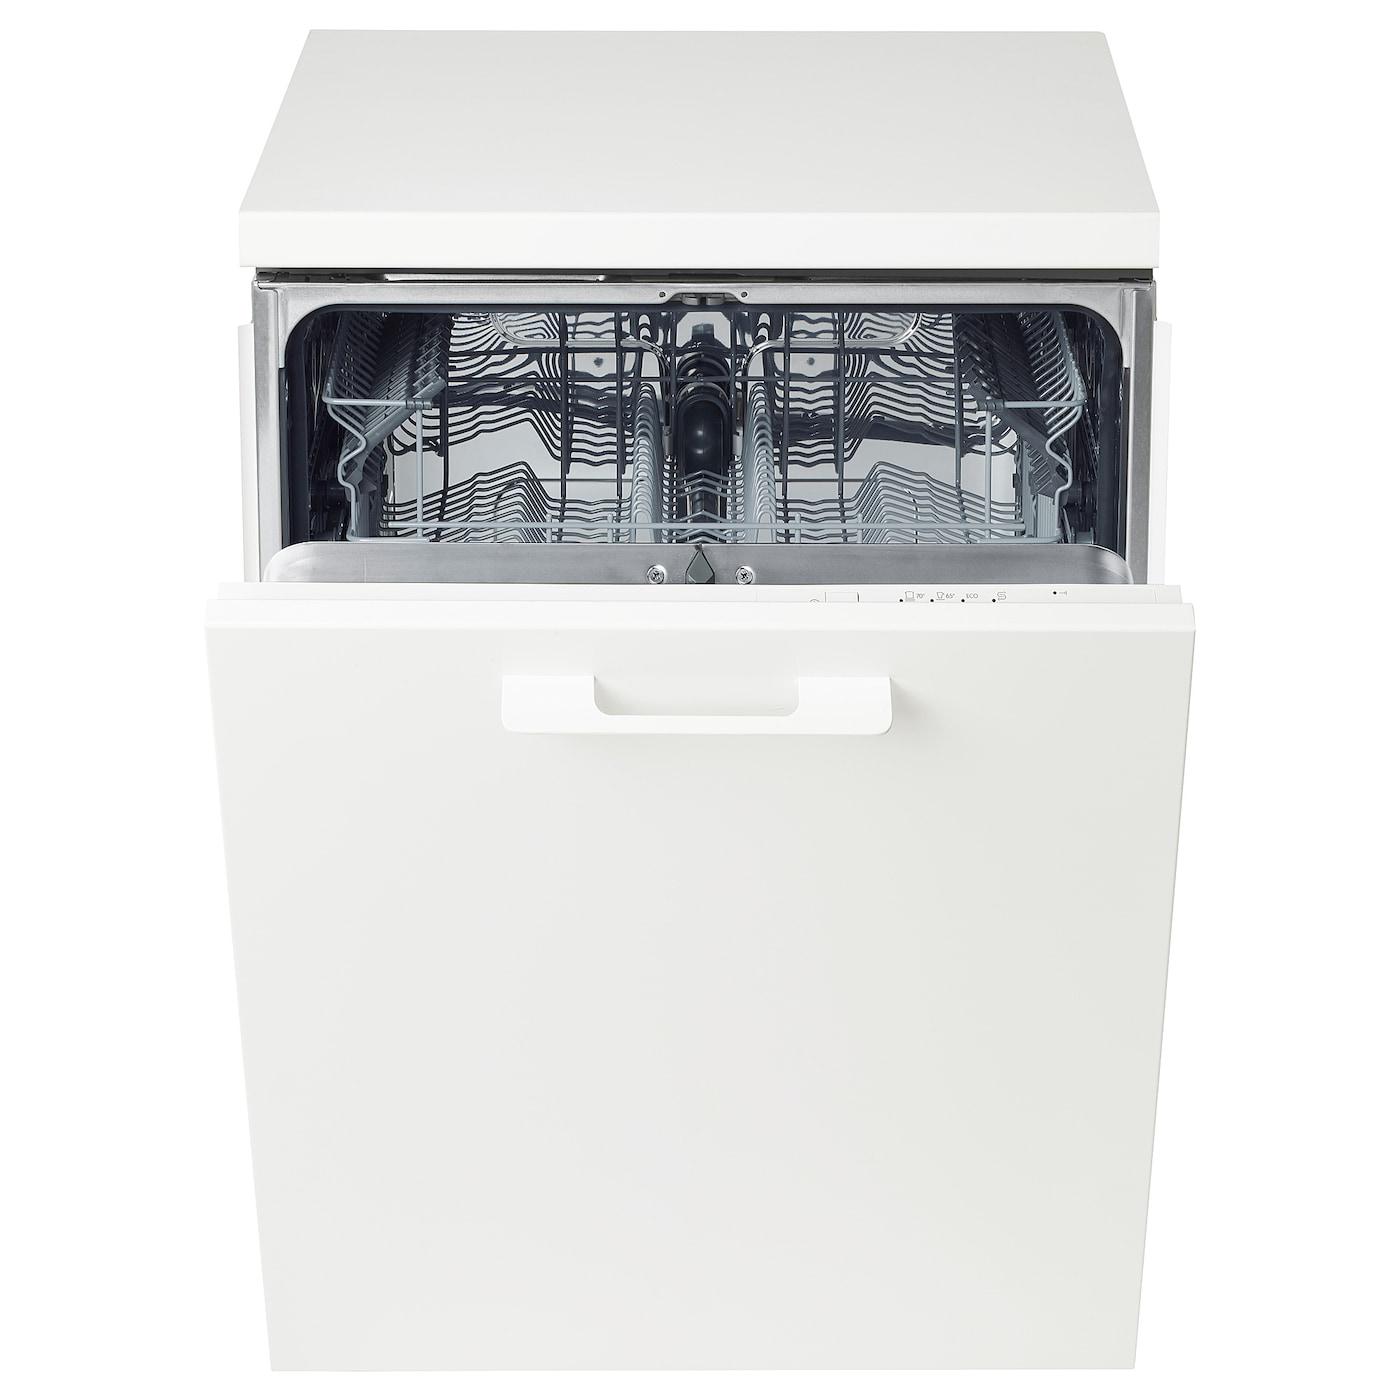 lave vaisselle lave vaisselle encastrable ikea. Black Bedroom Furniture Sets. Home Design Ideas